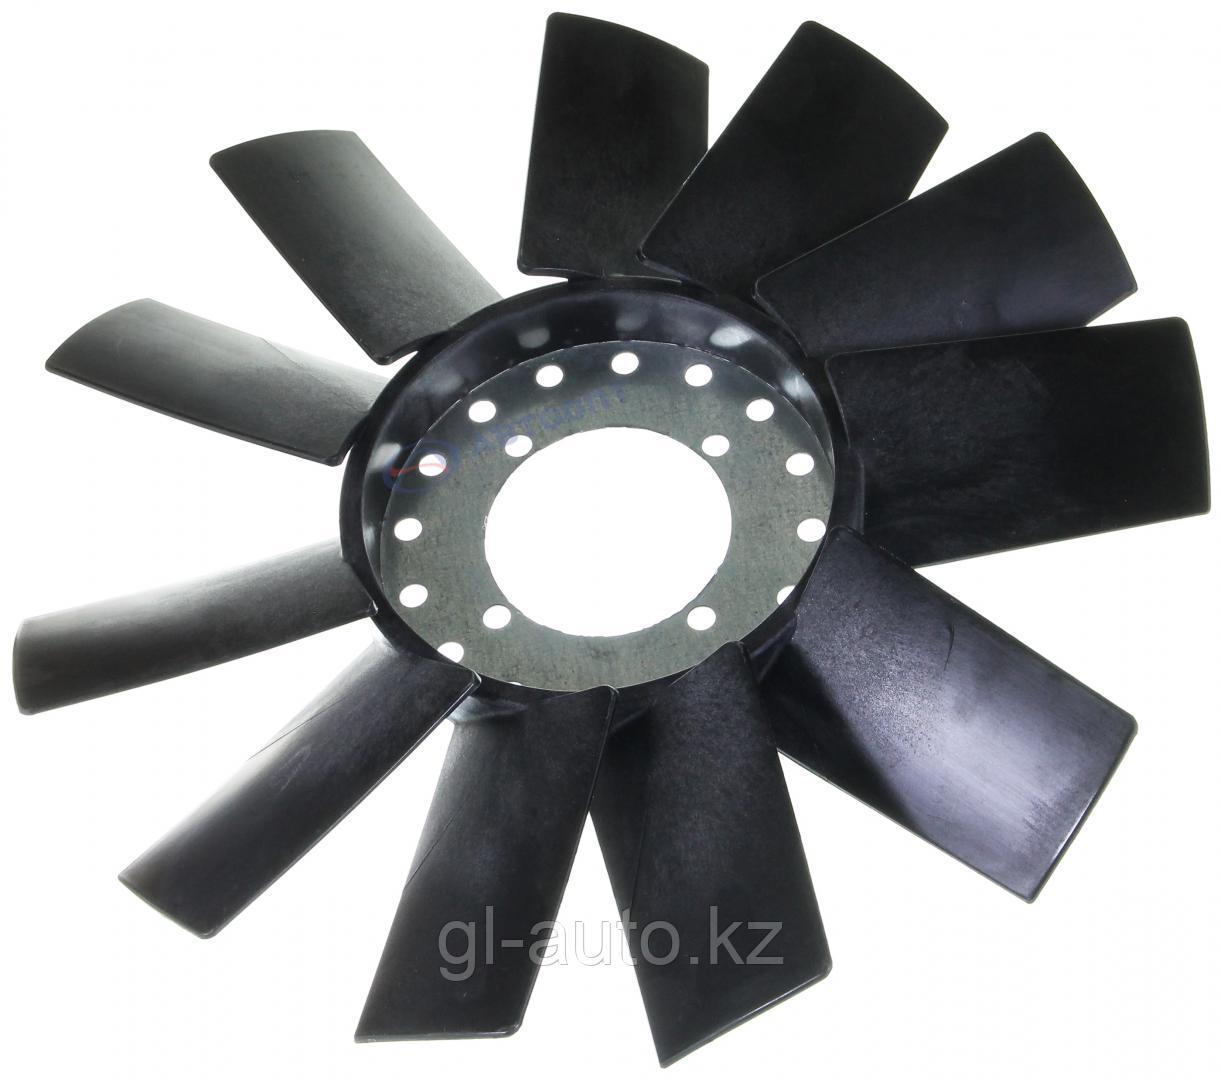 Крыльчатка двигателя Газель-Бизнес/NEXT дв. Cummins (под муфту)